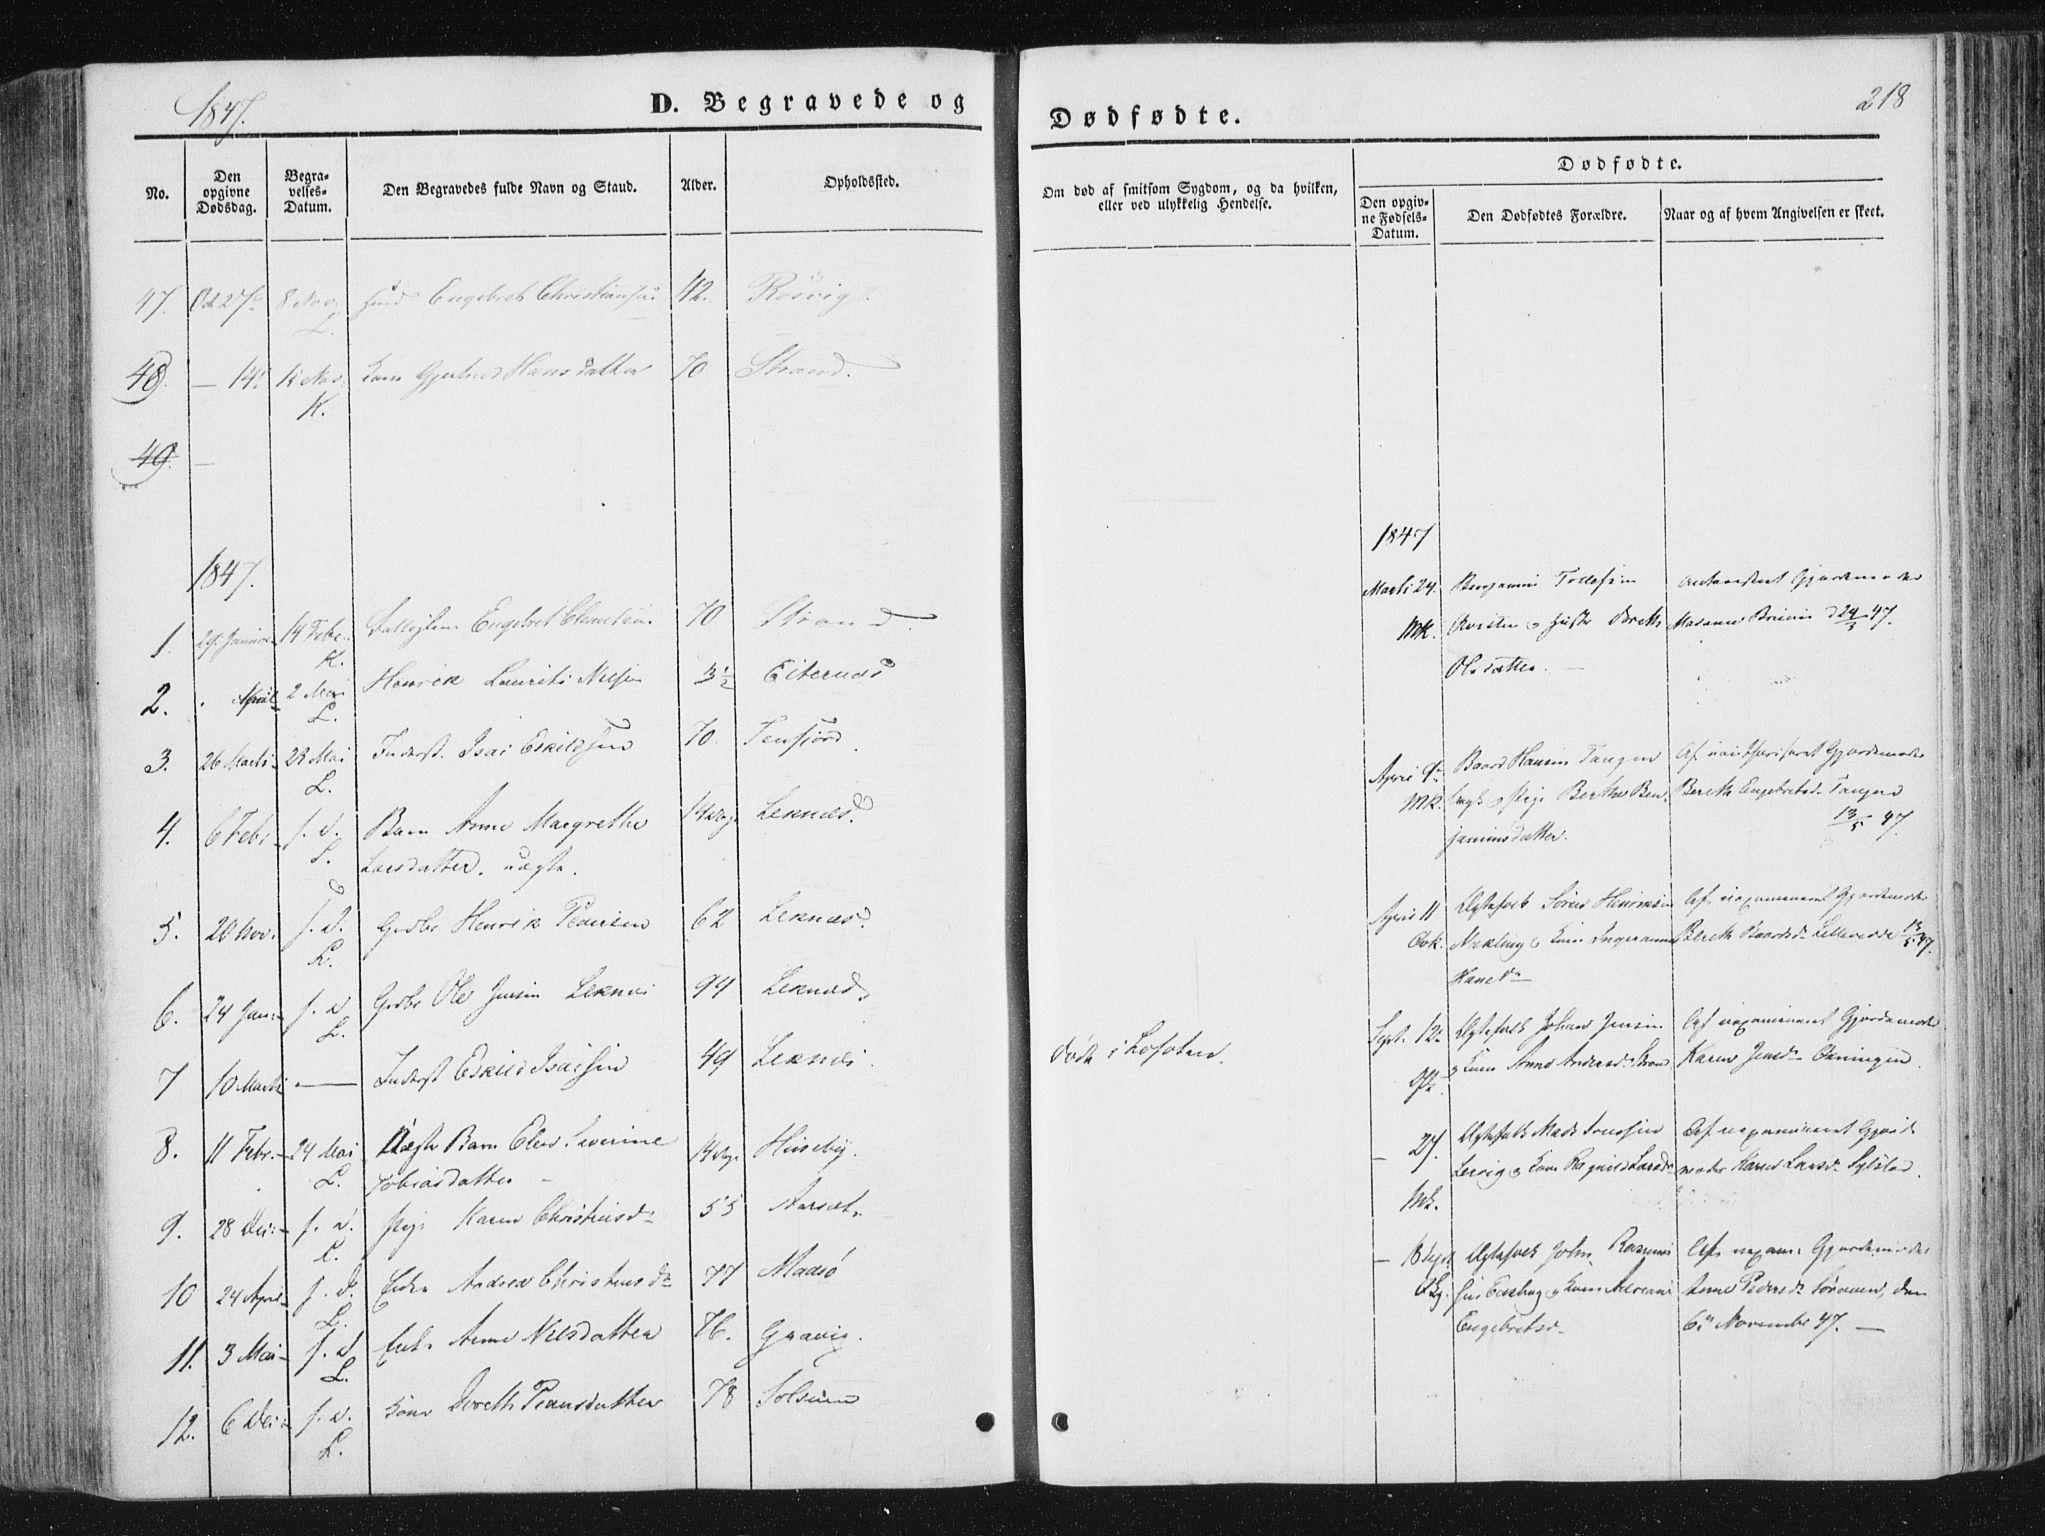 SAT, Ministerialprotokoller, klokkerbøker og fødselsregistre - Nord-Trøndelag, 780/L0640: Ministerialbok nr. 780A05, 1845-1856, s. 218